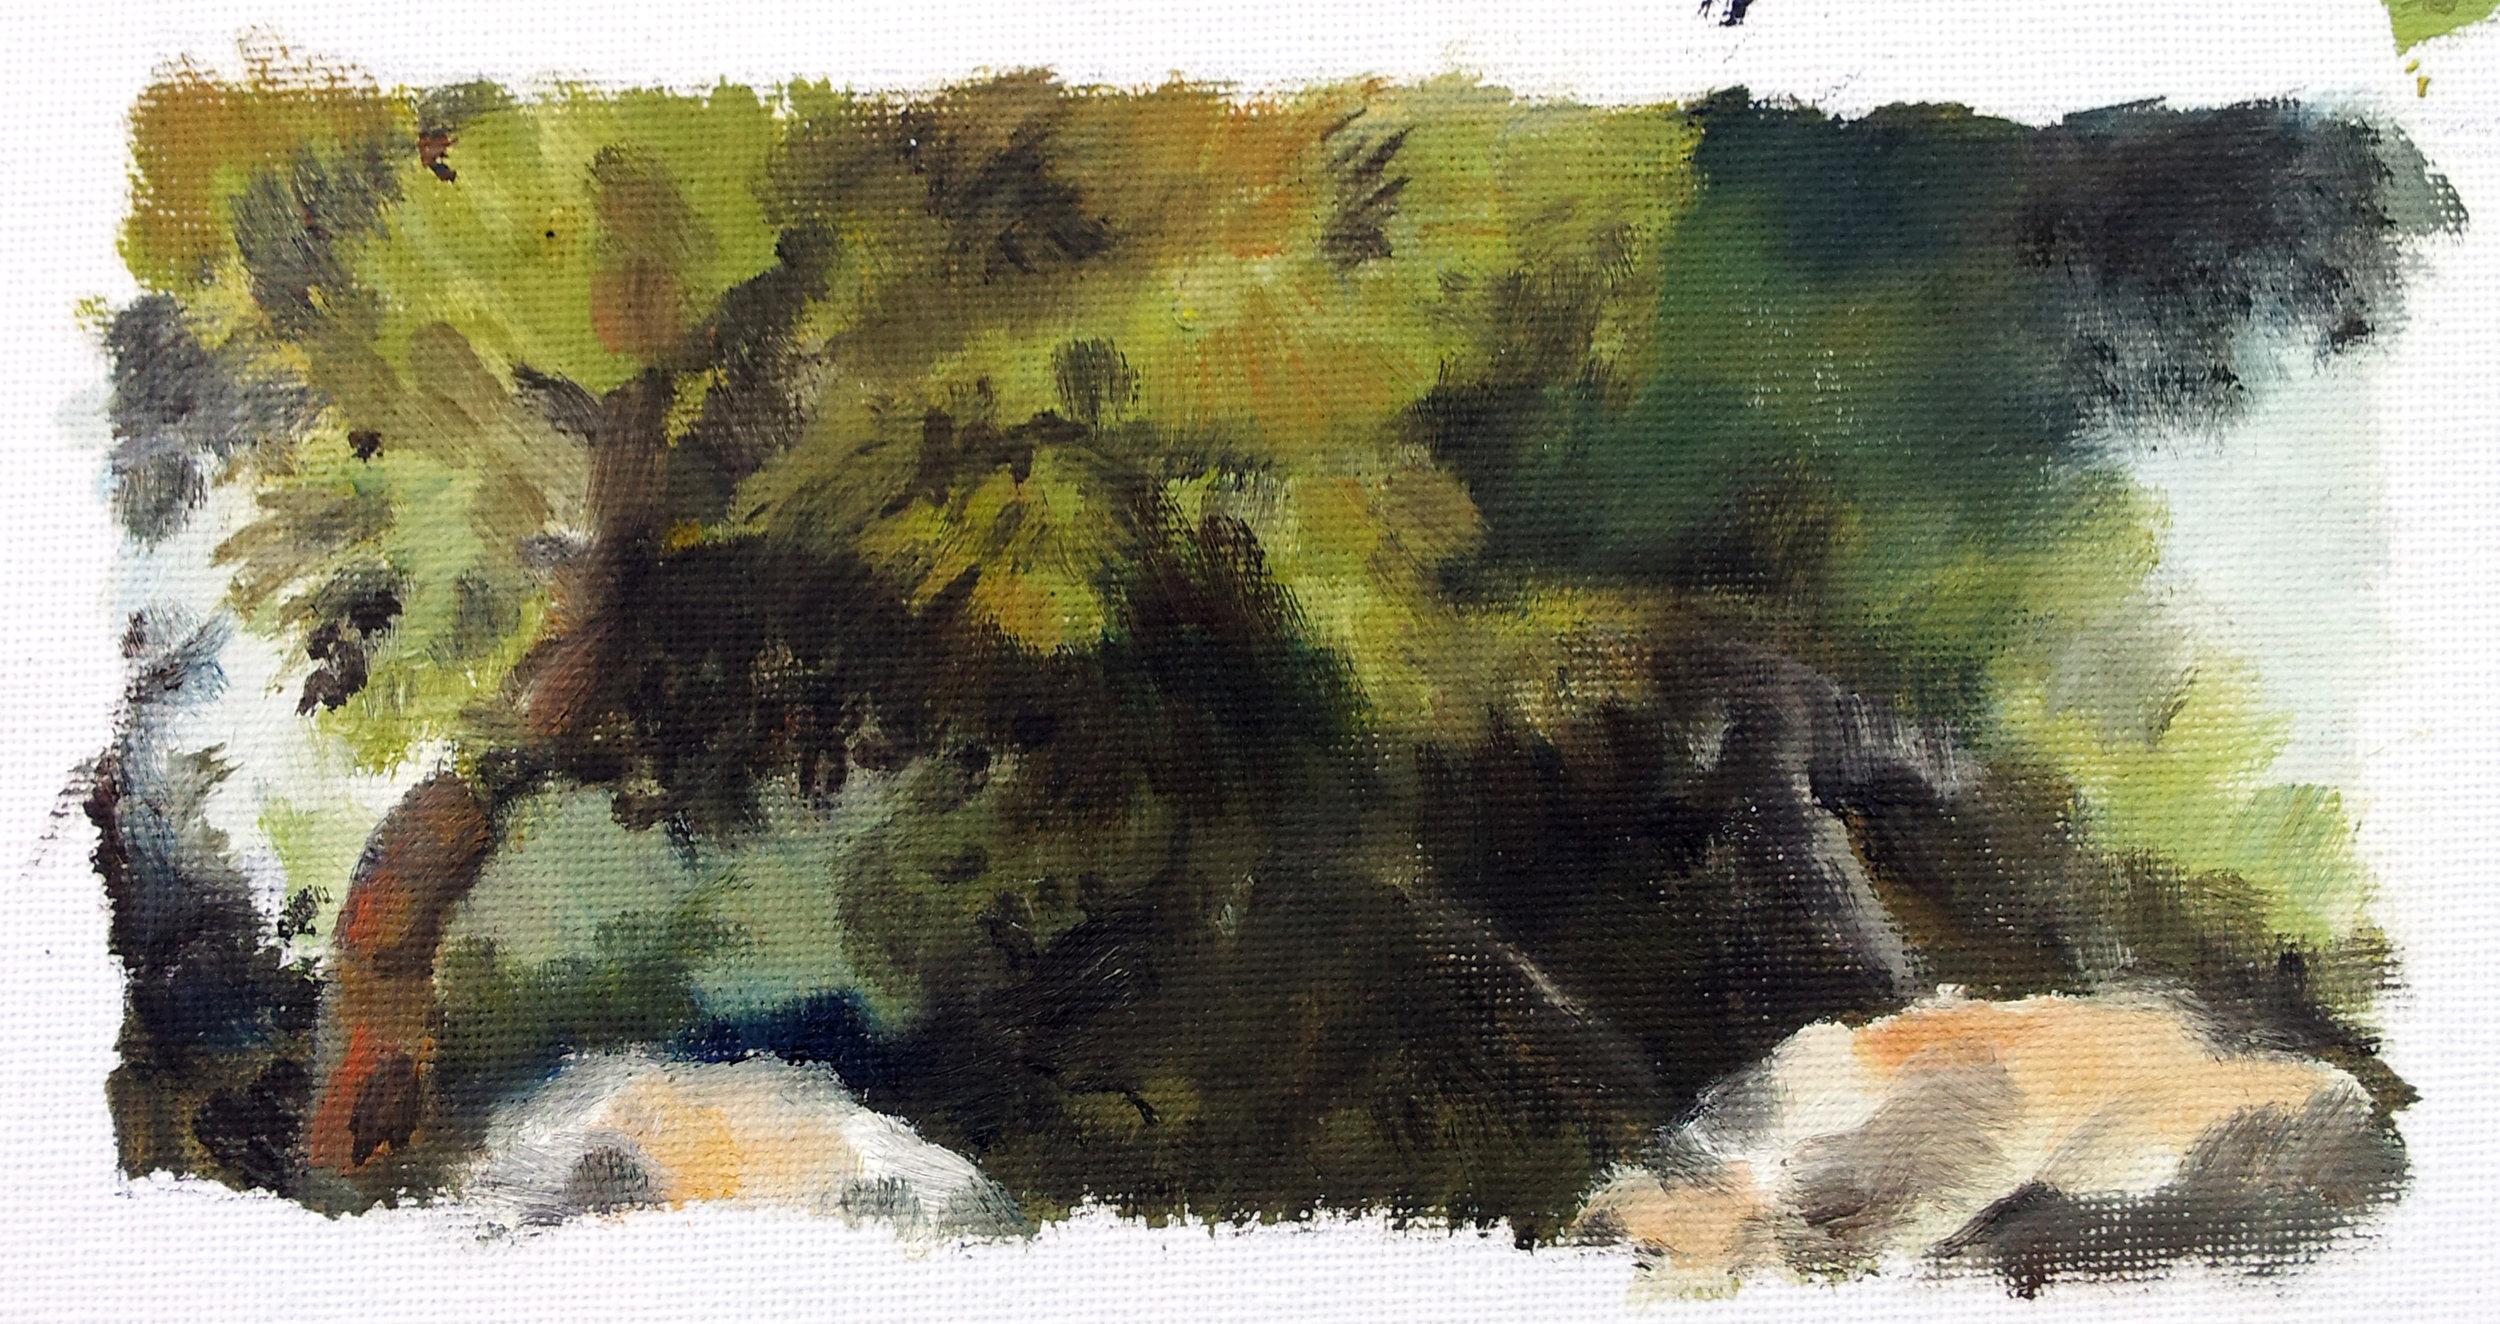 Mount Scopus, Jerusalem. Oil on Canvas. 2014